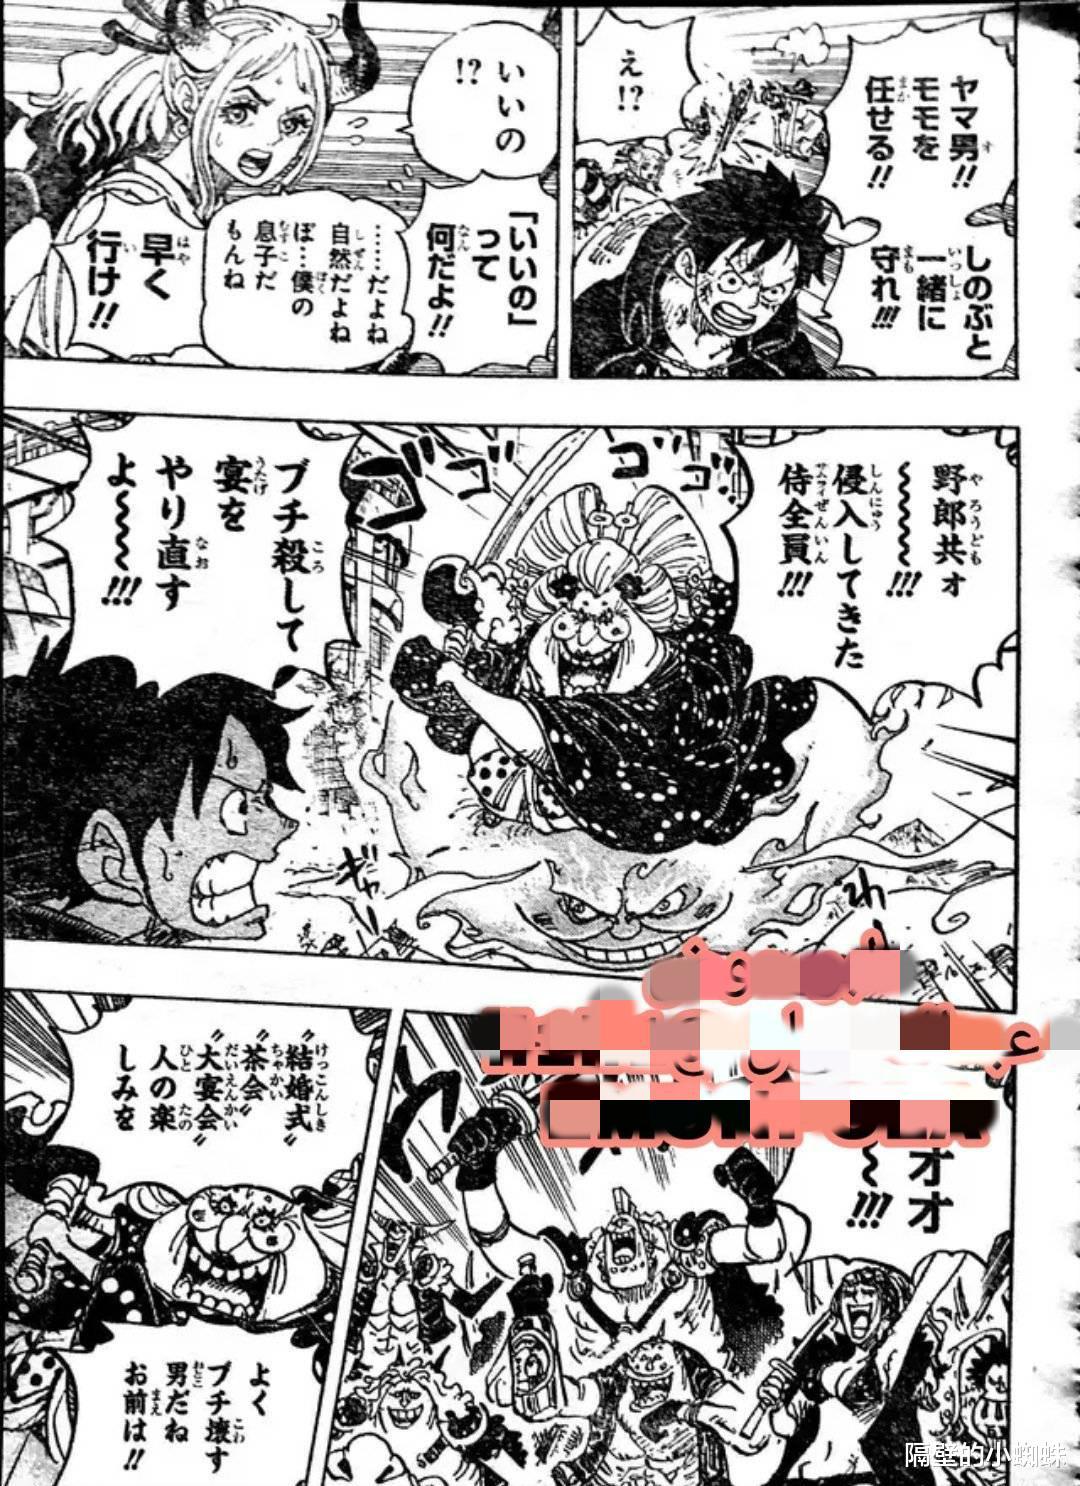 海賊王988話, 大媽用威國殺路飛, 結果被犀牛戰車撞倒, 最廢四皇-圖1